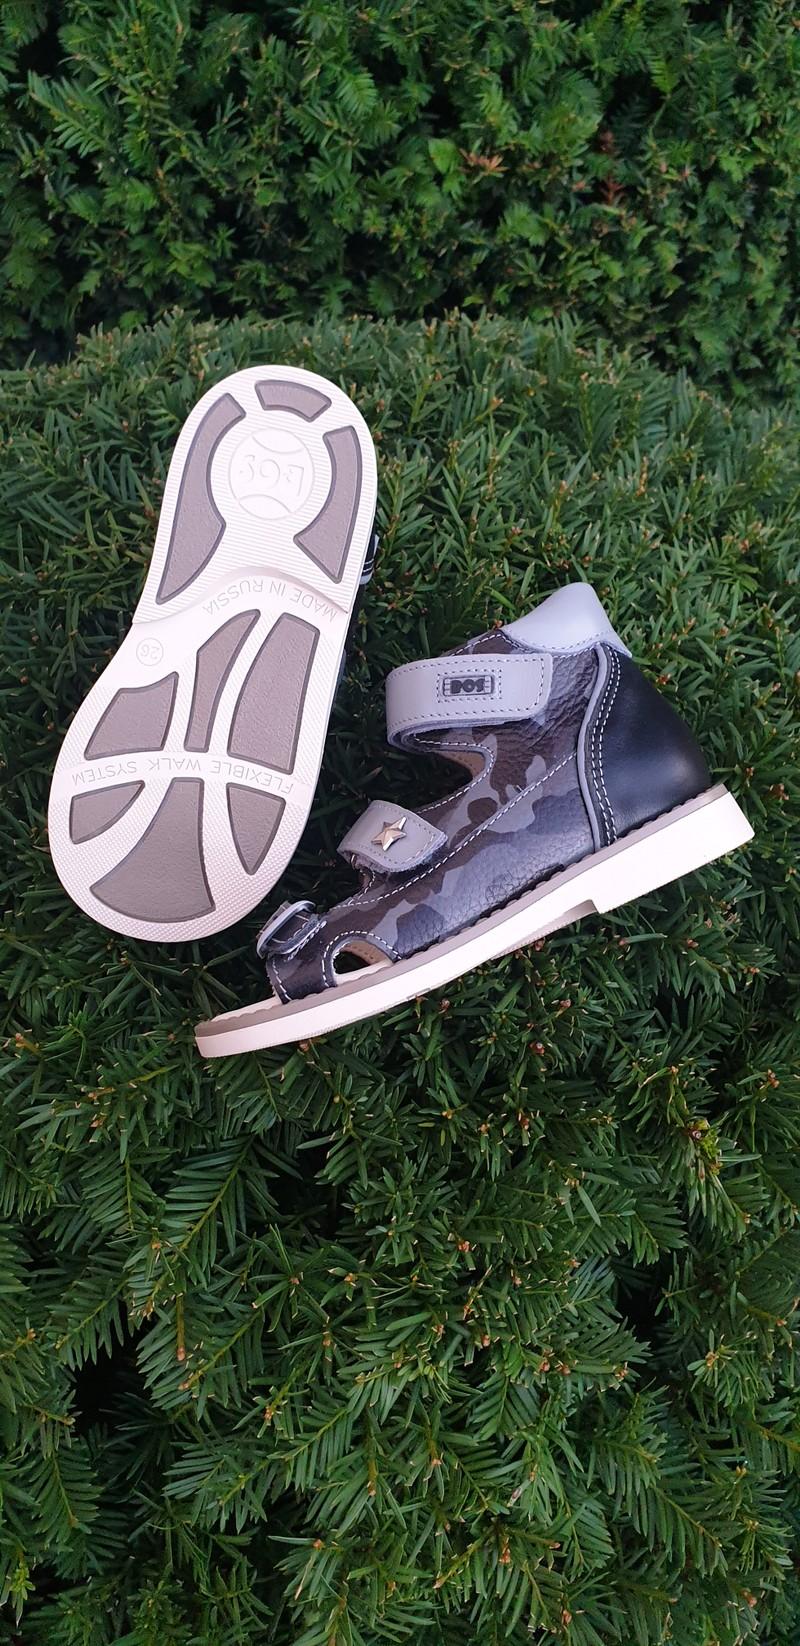 Профилактические сандалики. Натуральная кожа внутри и снаружи, каблук Томаса, стелька с супинатором, жесткий задник. С 18 по 36 р